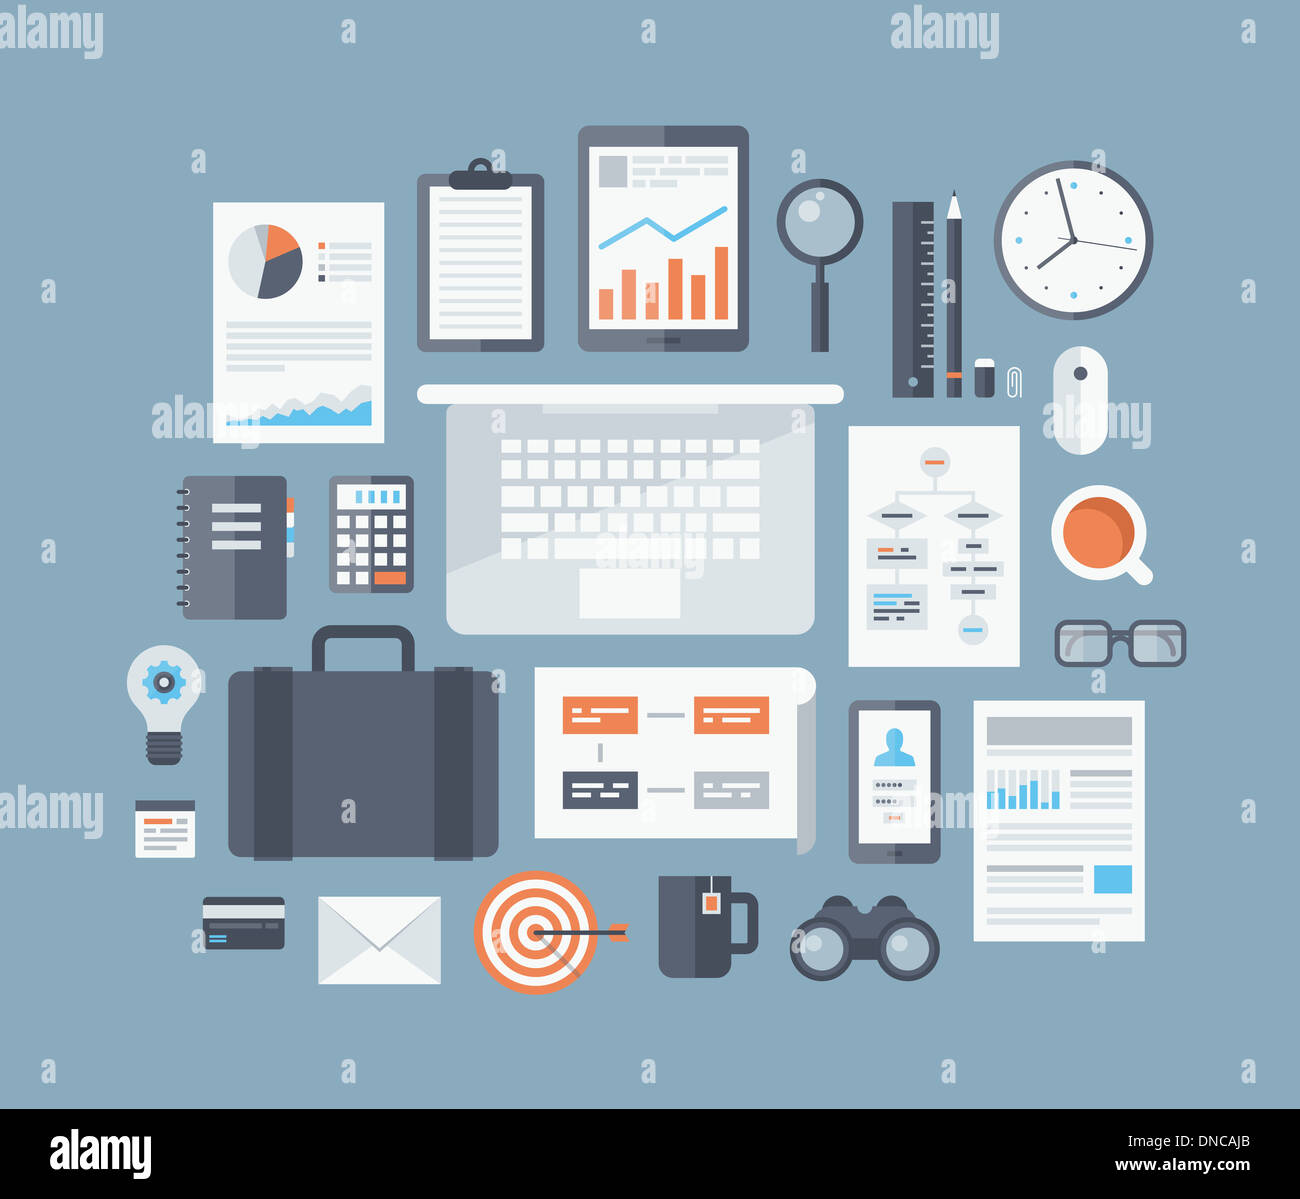 Design moderne télévision illustration concept de travail de l'entreprise, points et éléments d'équipements de bureau et les choses Photo Stock